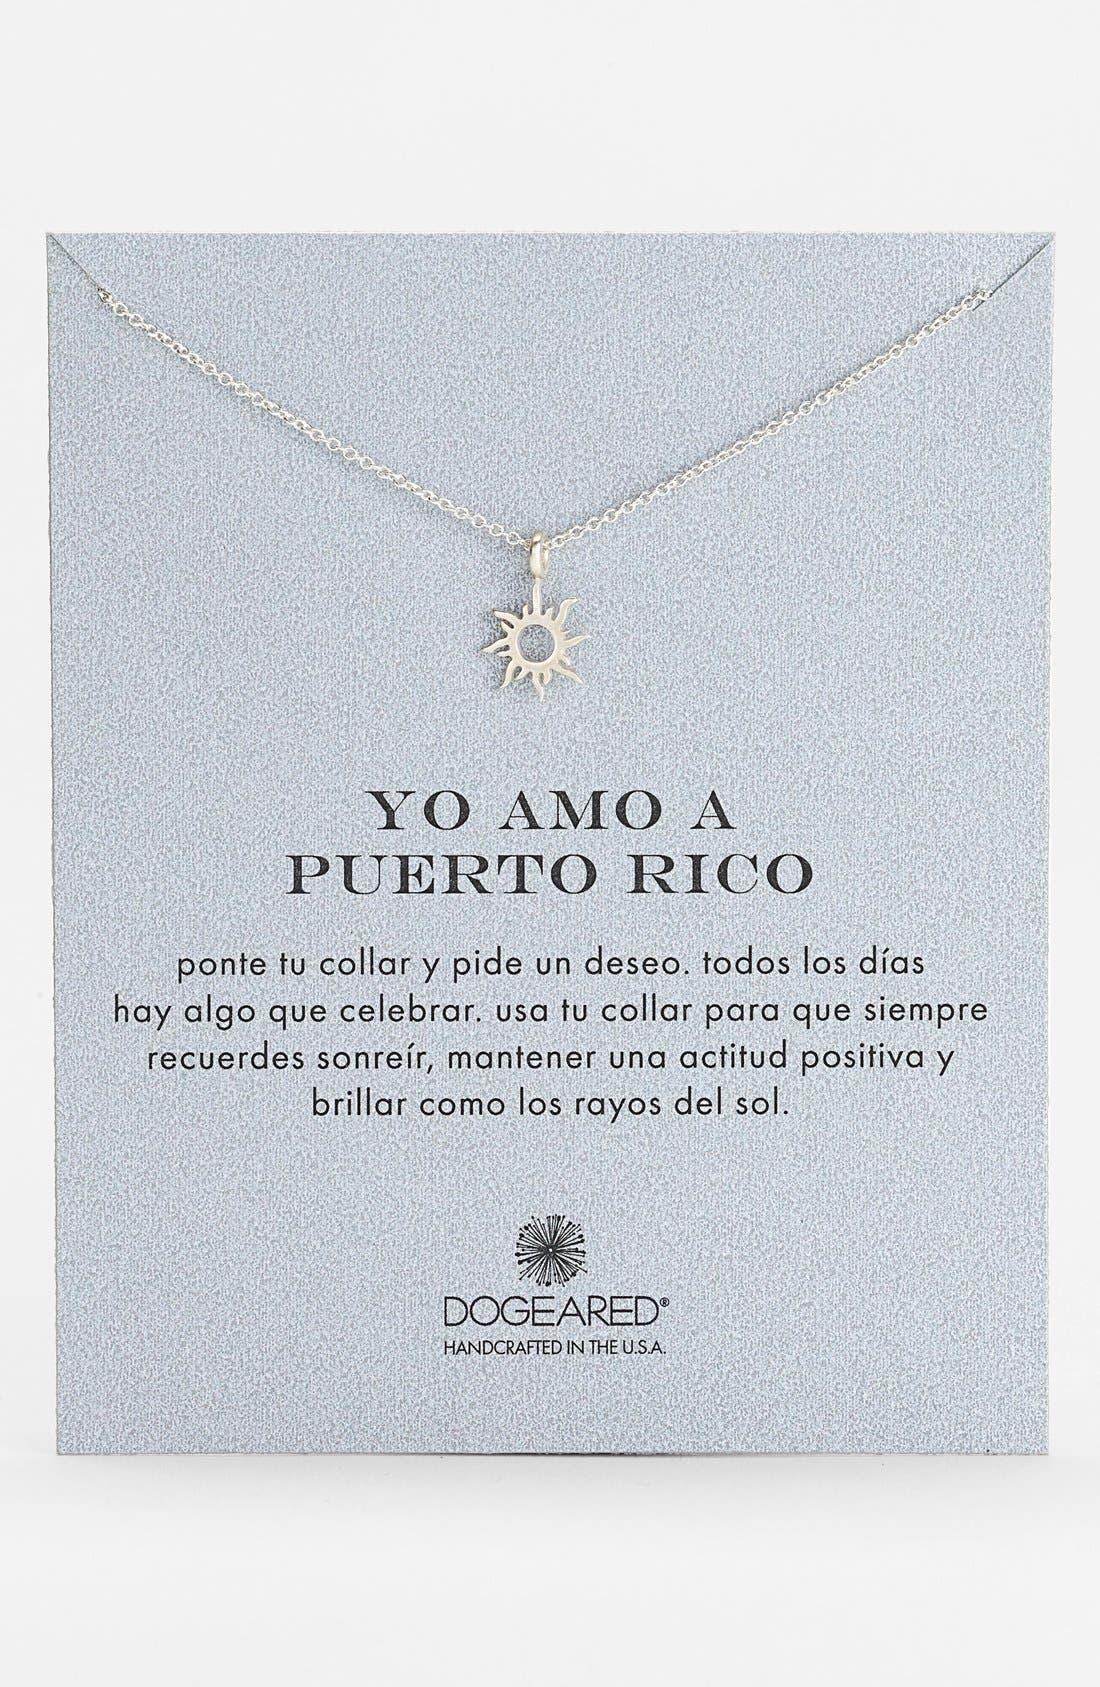 Alternate Image 1 Selected - Dogeared 'Yo Amo A Puerto Rico' Sun Pendant Necklace